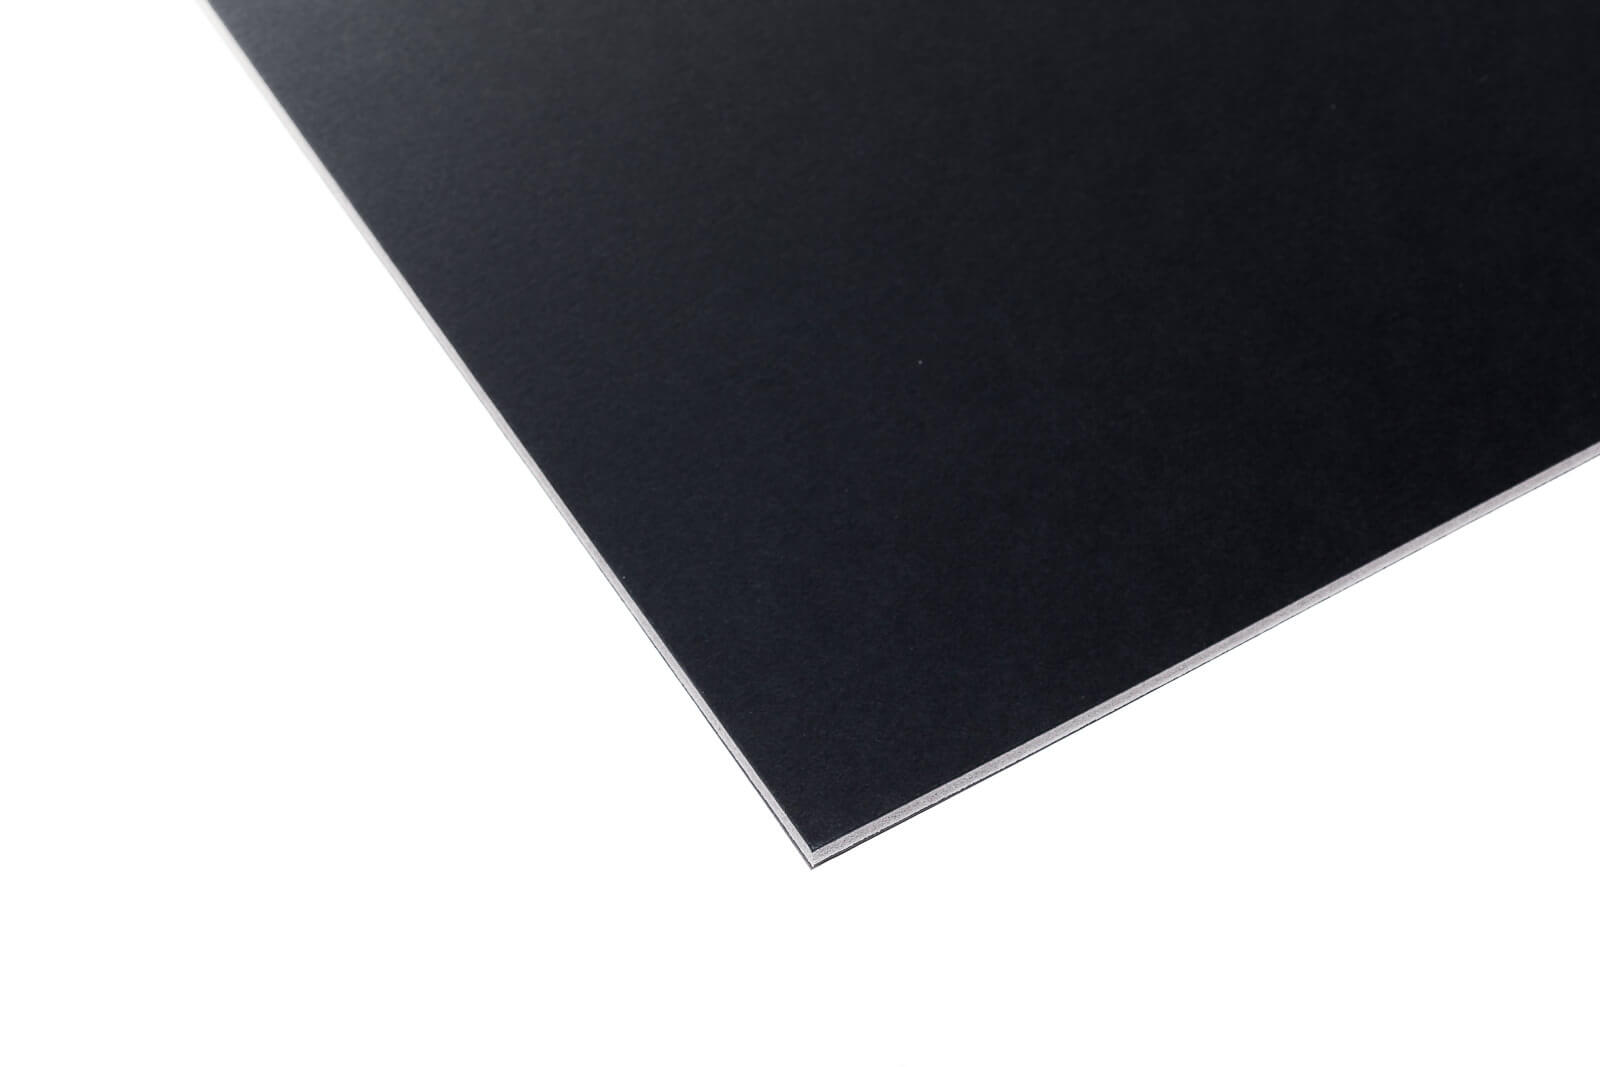 Eine Aufnahme einer schwarzen Kapa-Graph Leichtschaumplatte von oben